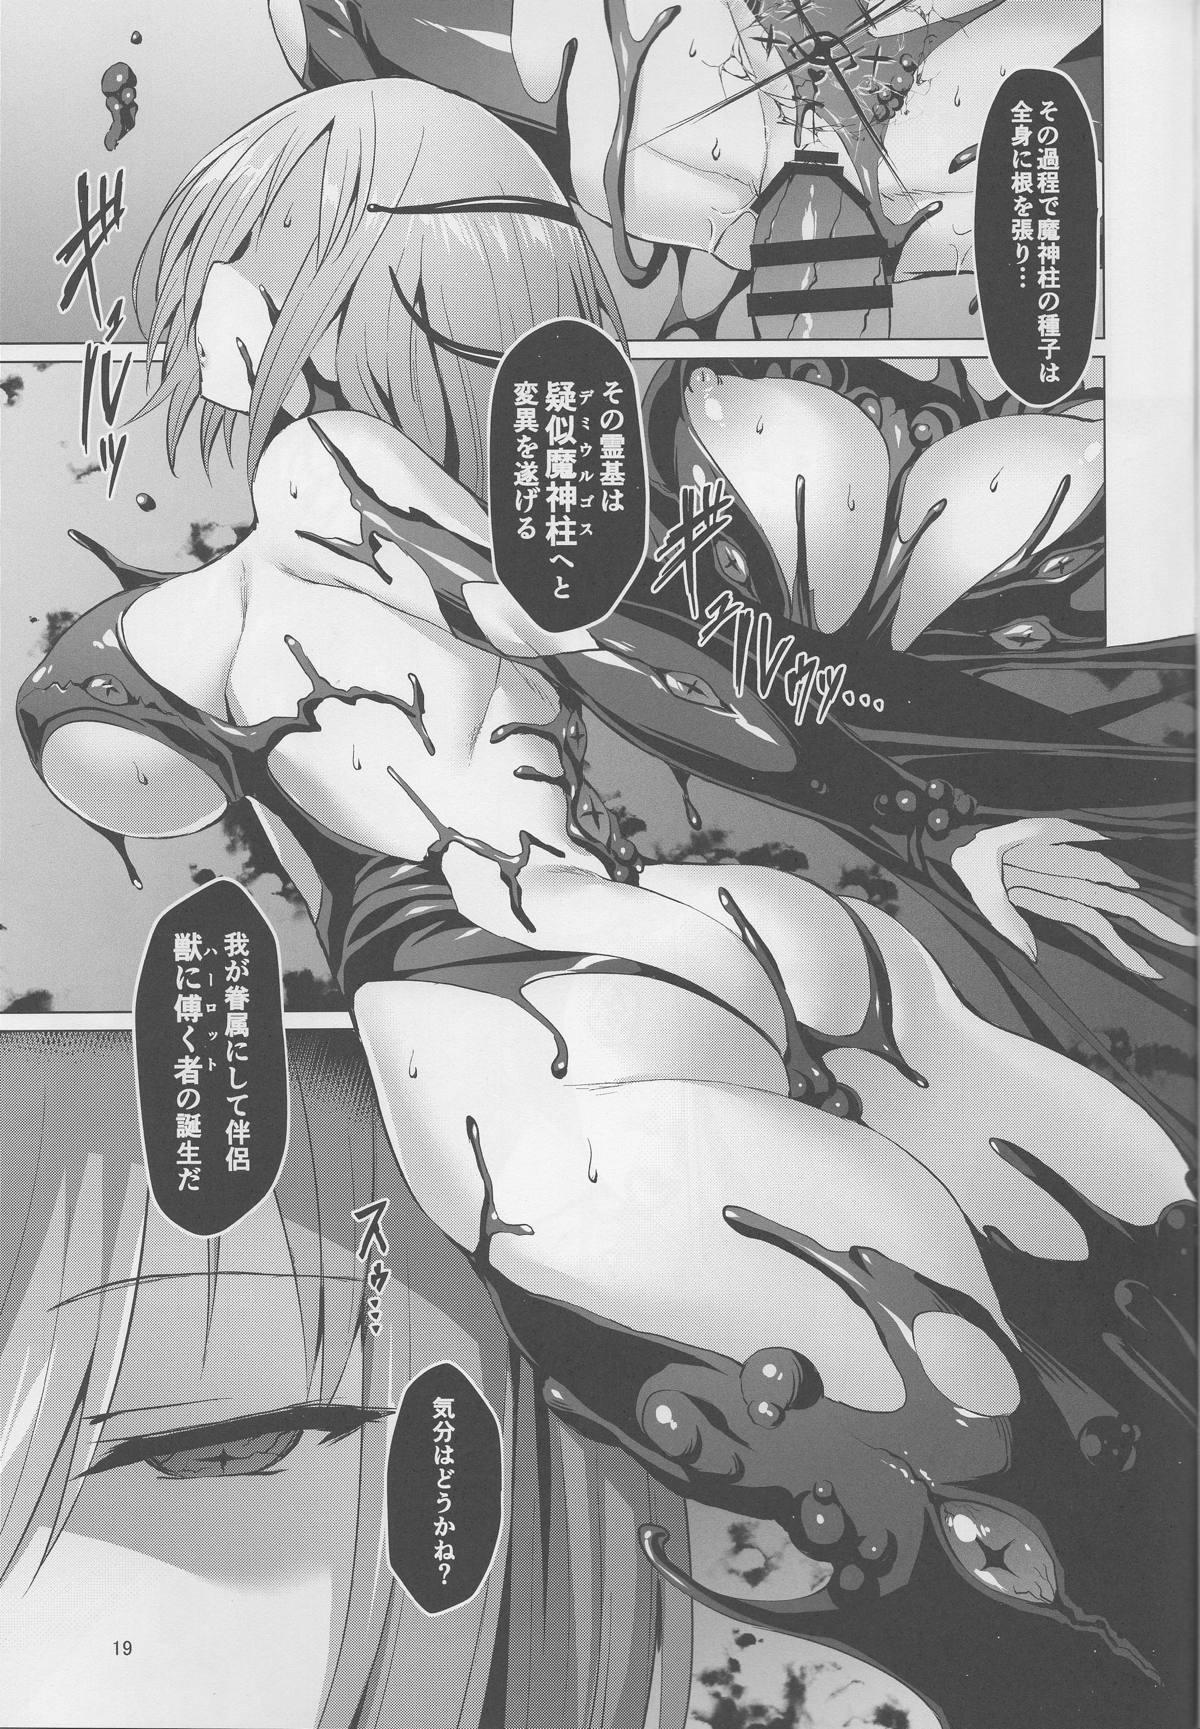 【エロ漫画】無垢な女の子は触手&淫紋調教で完全催眠させられてしまって・・・やっぱ純粋な娘って堕ちやすいんやなって